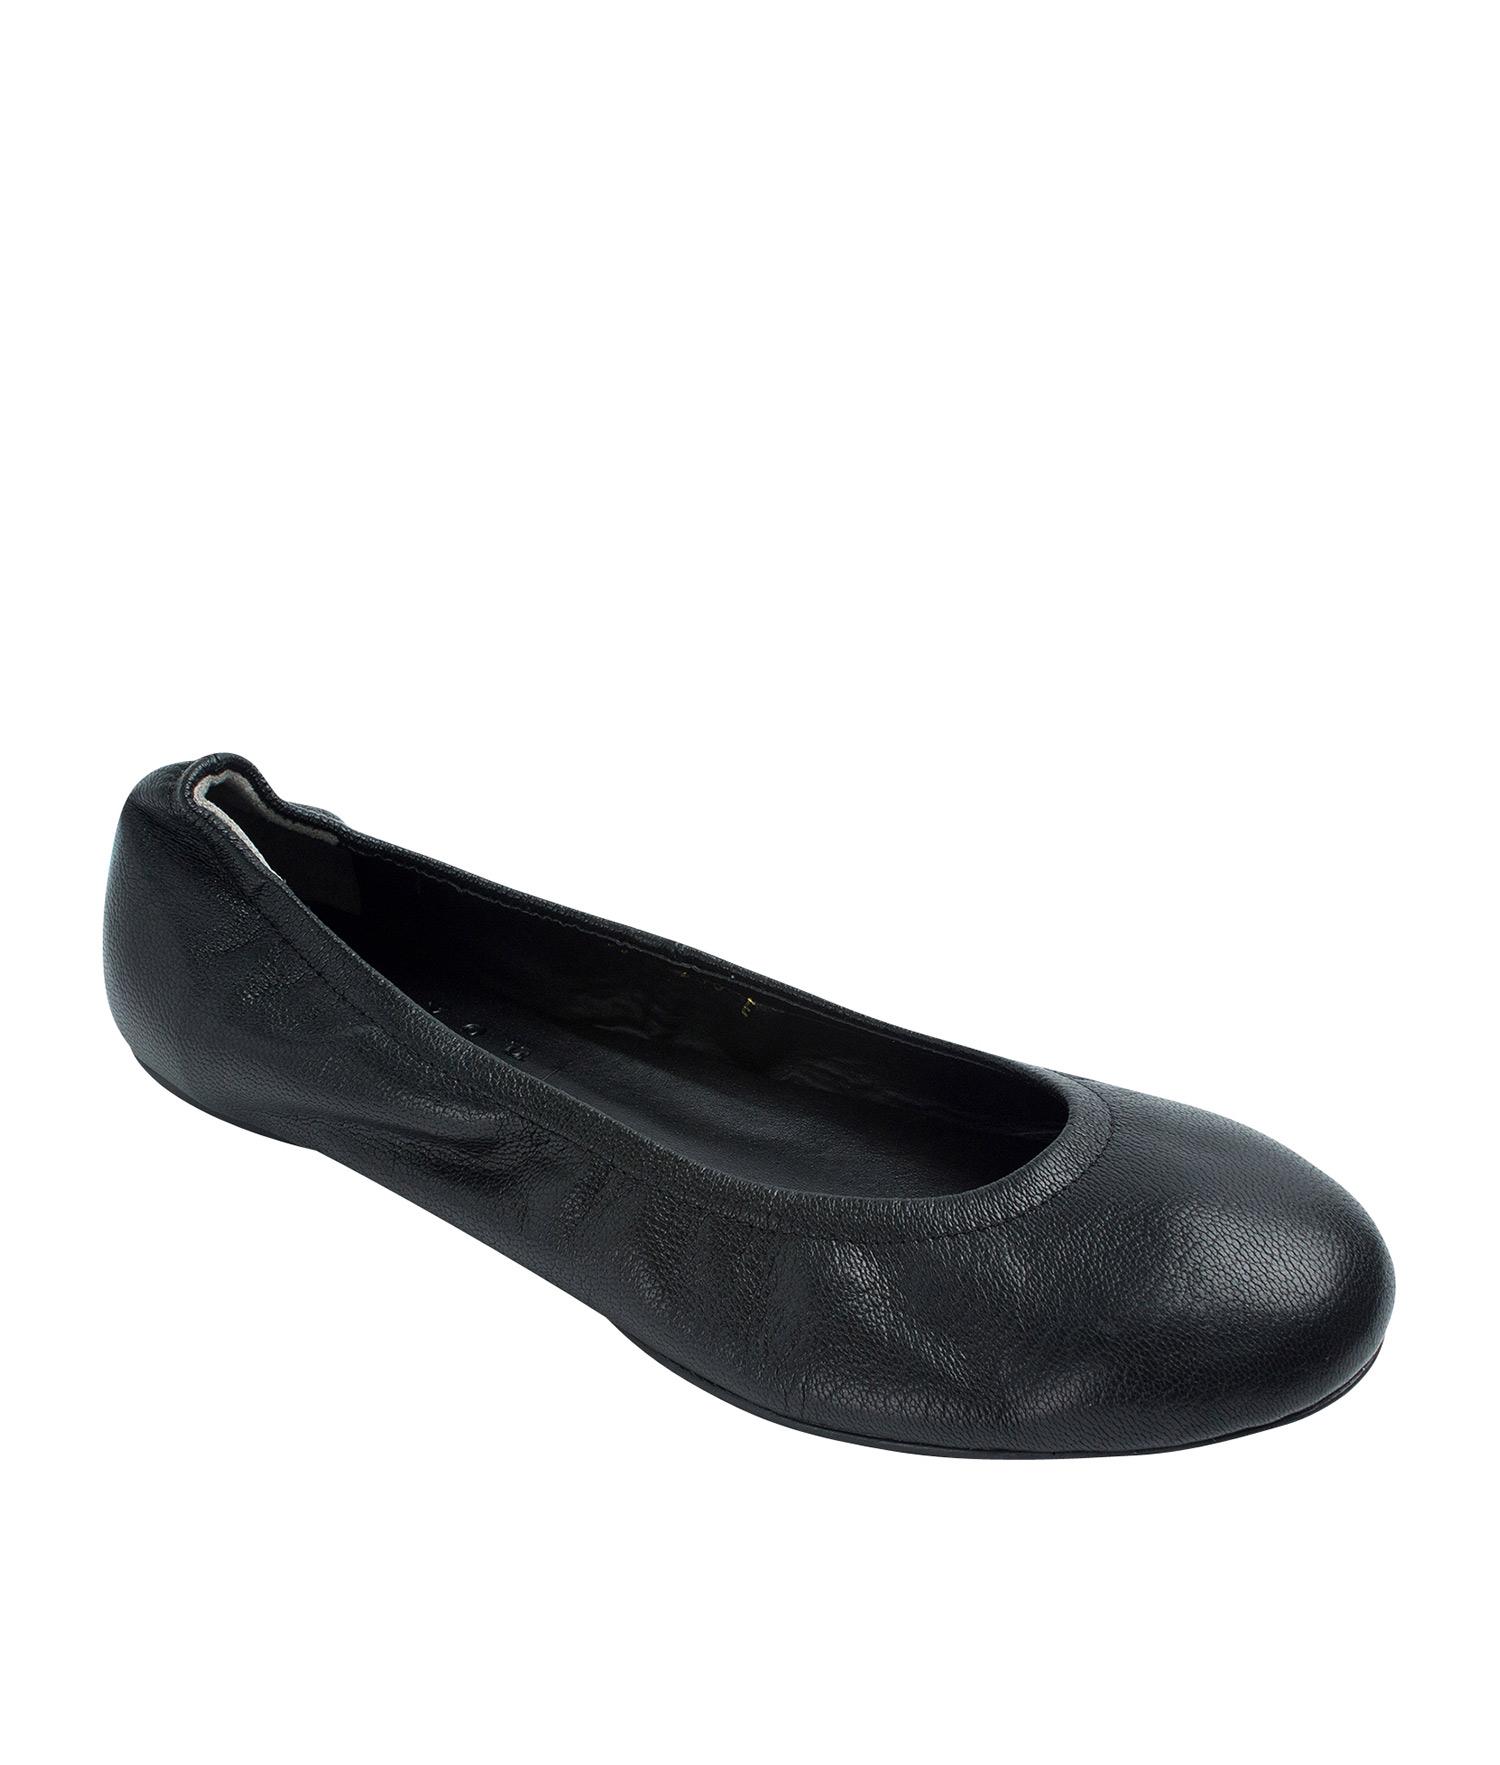 420c121cae954 Genuine Leather Elastic Ballerina Flats